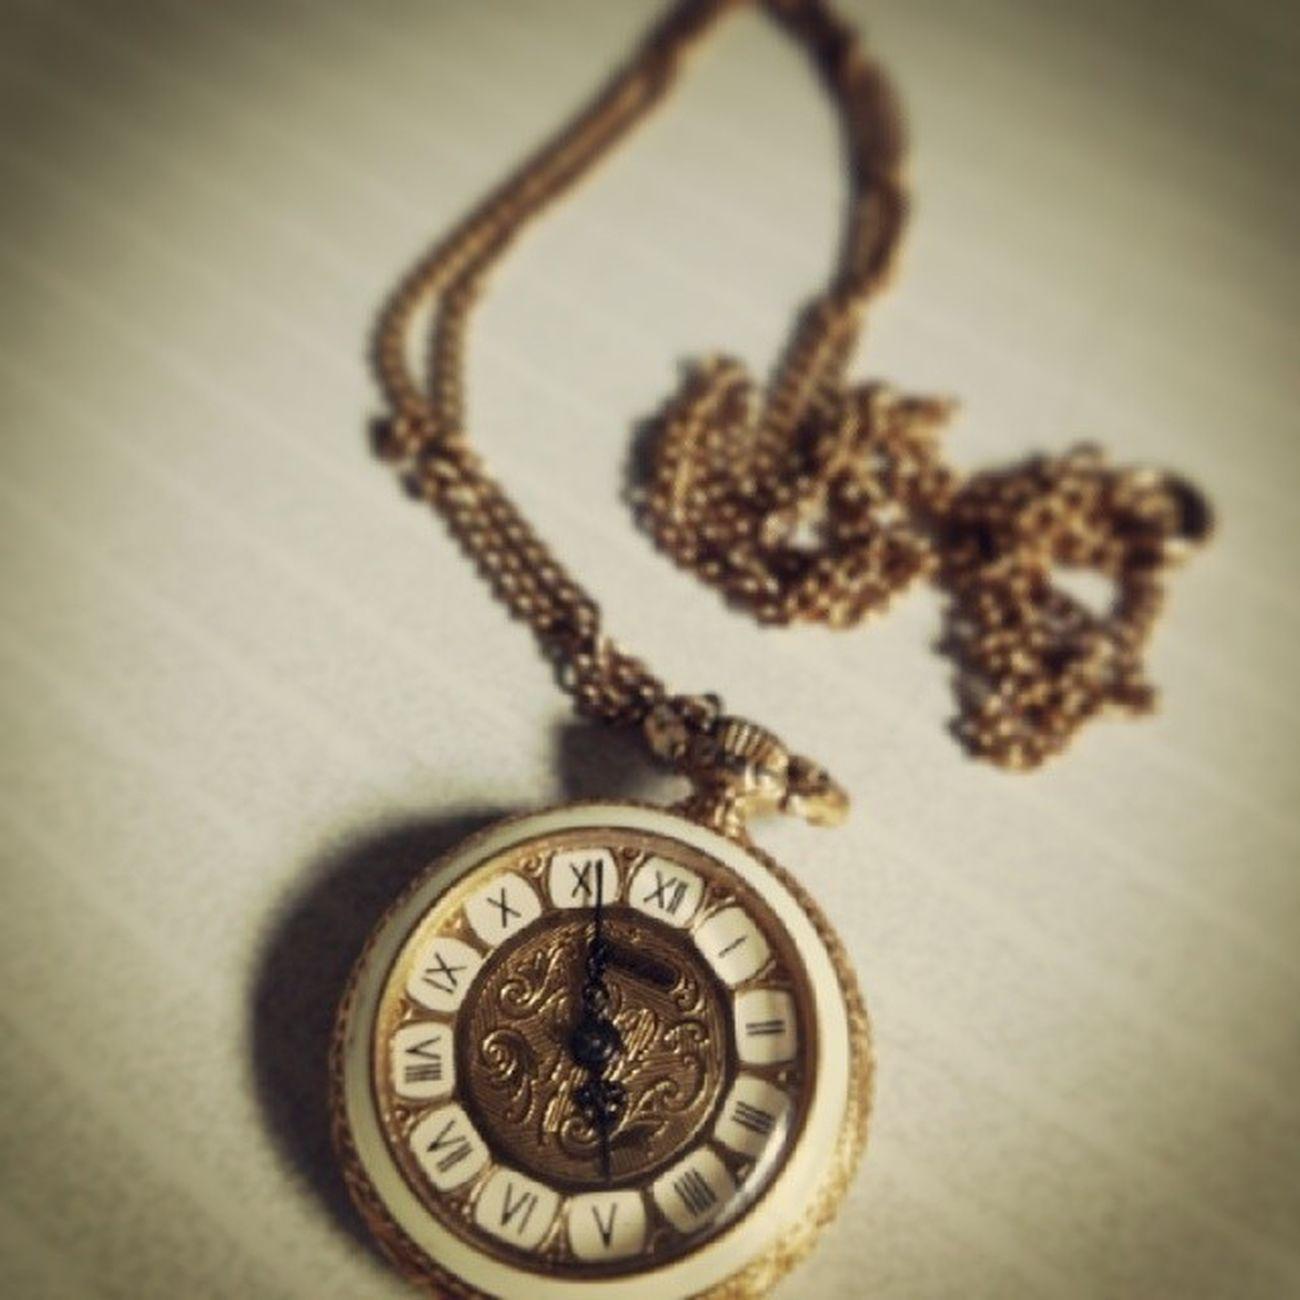 34年前 修学旅行 香港 Switzerland Chandler 懐中時計 腕時計を嫌う当方は 当時 制服(ブレザー)の内ポケにて愛用